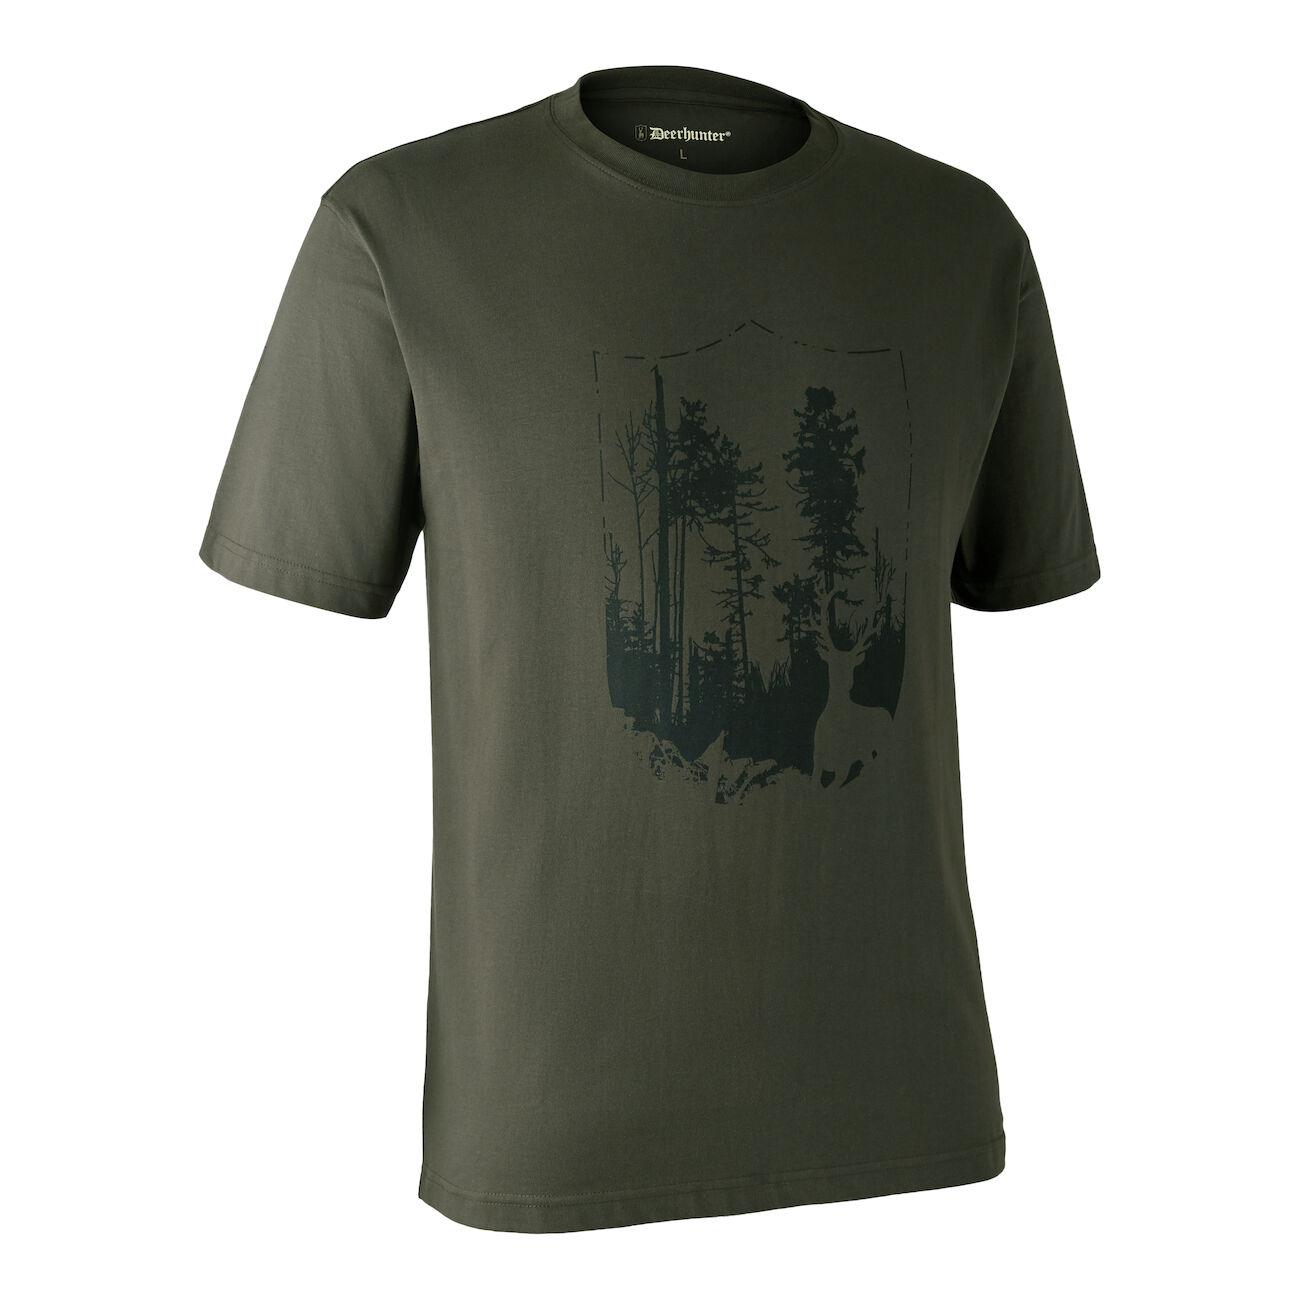 DEERHUNTER T-Shirt mit Schild